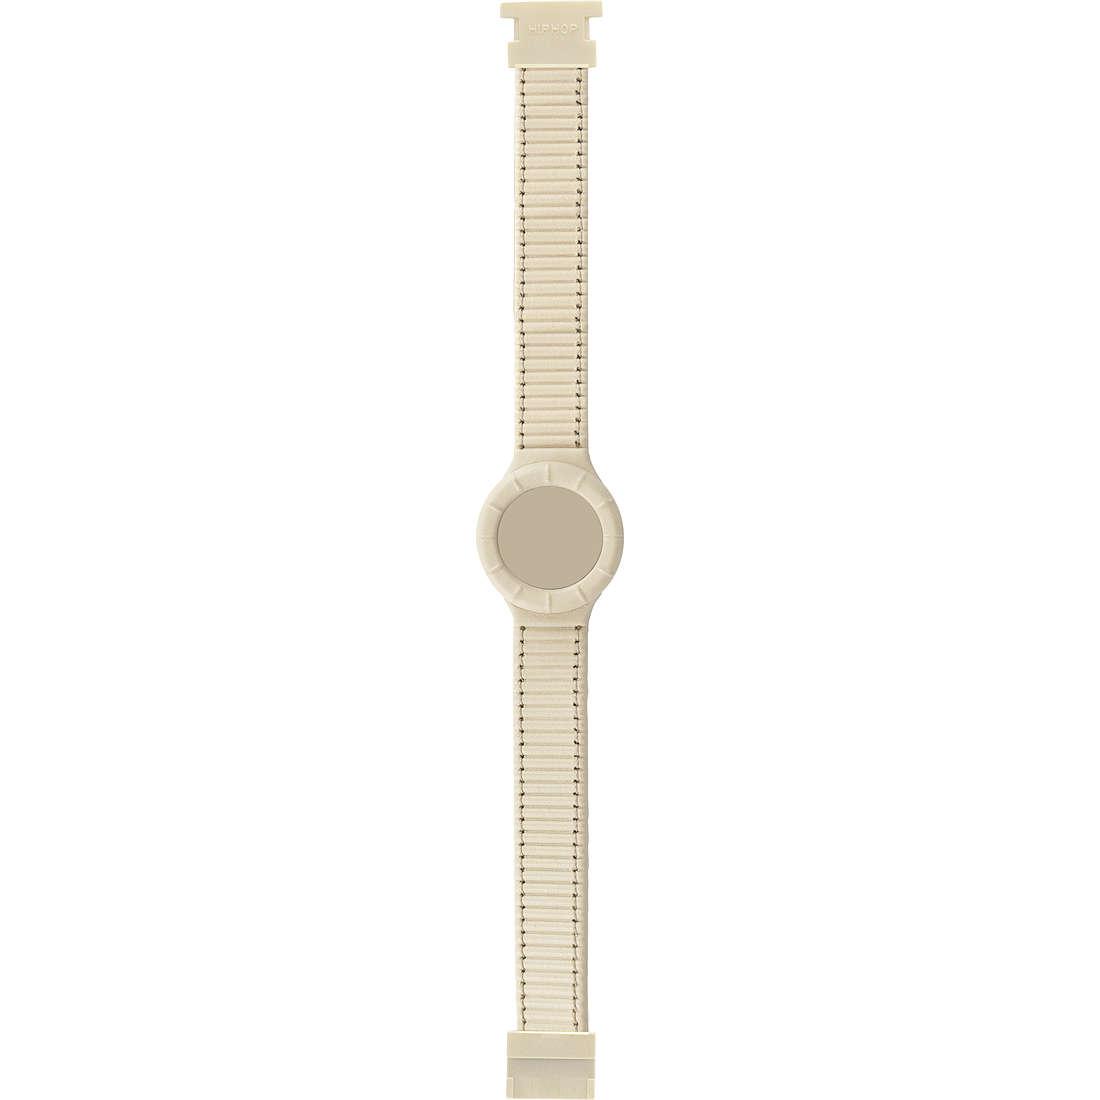 montre bracelet montre unisex Hip Hop Leather HBU0198